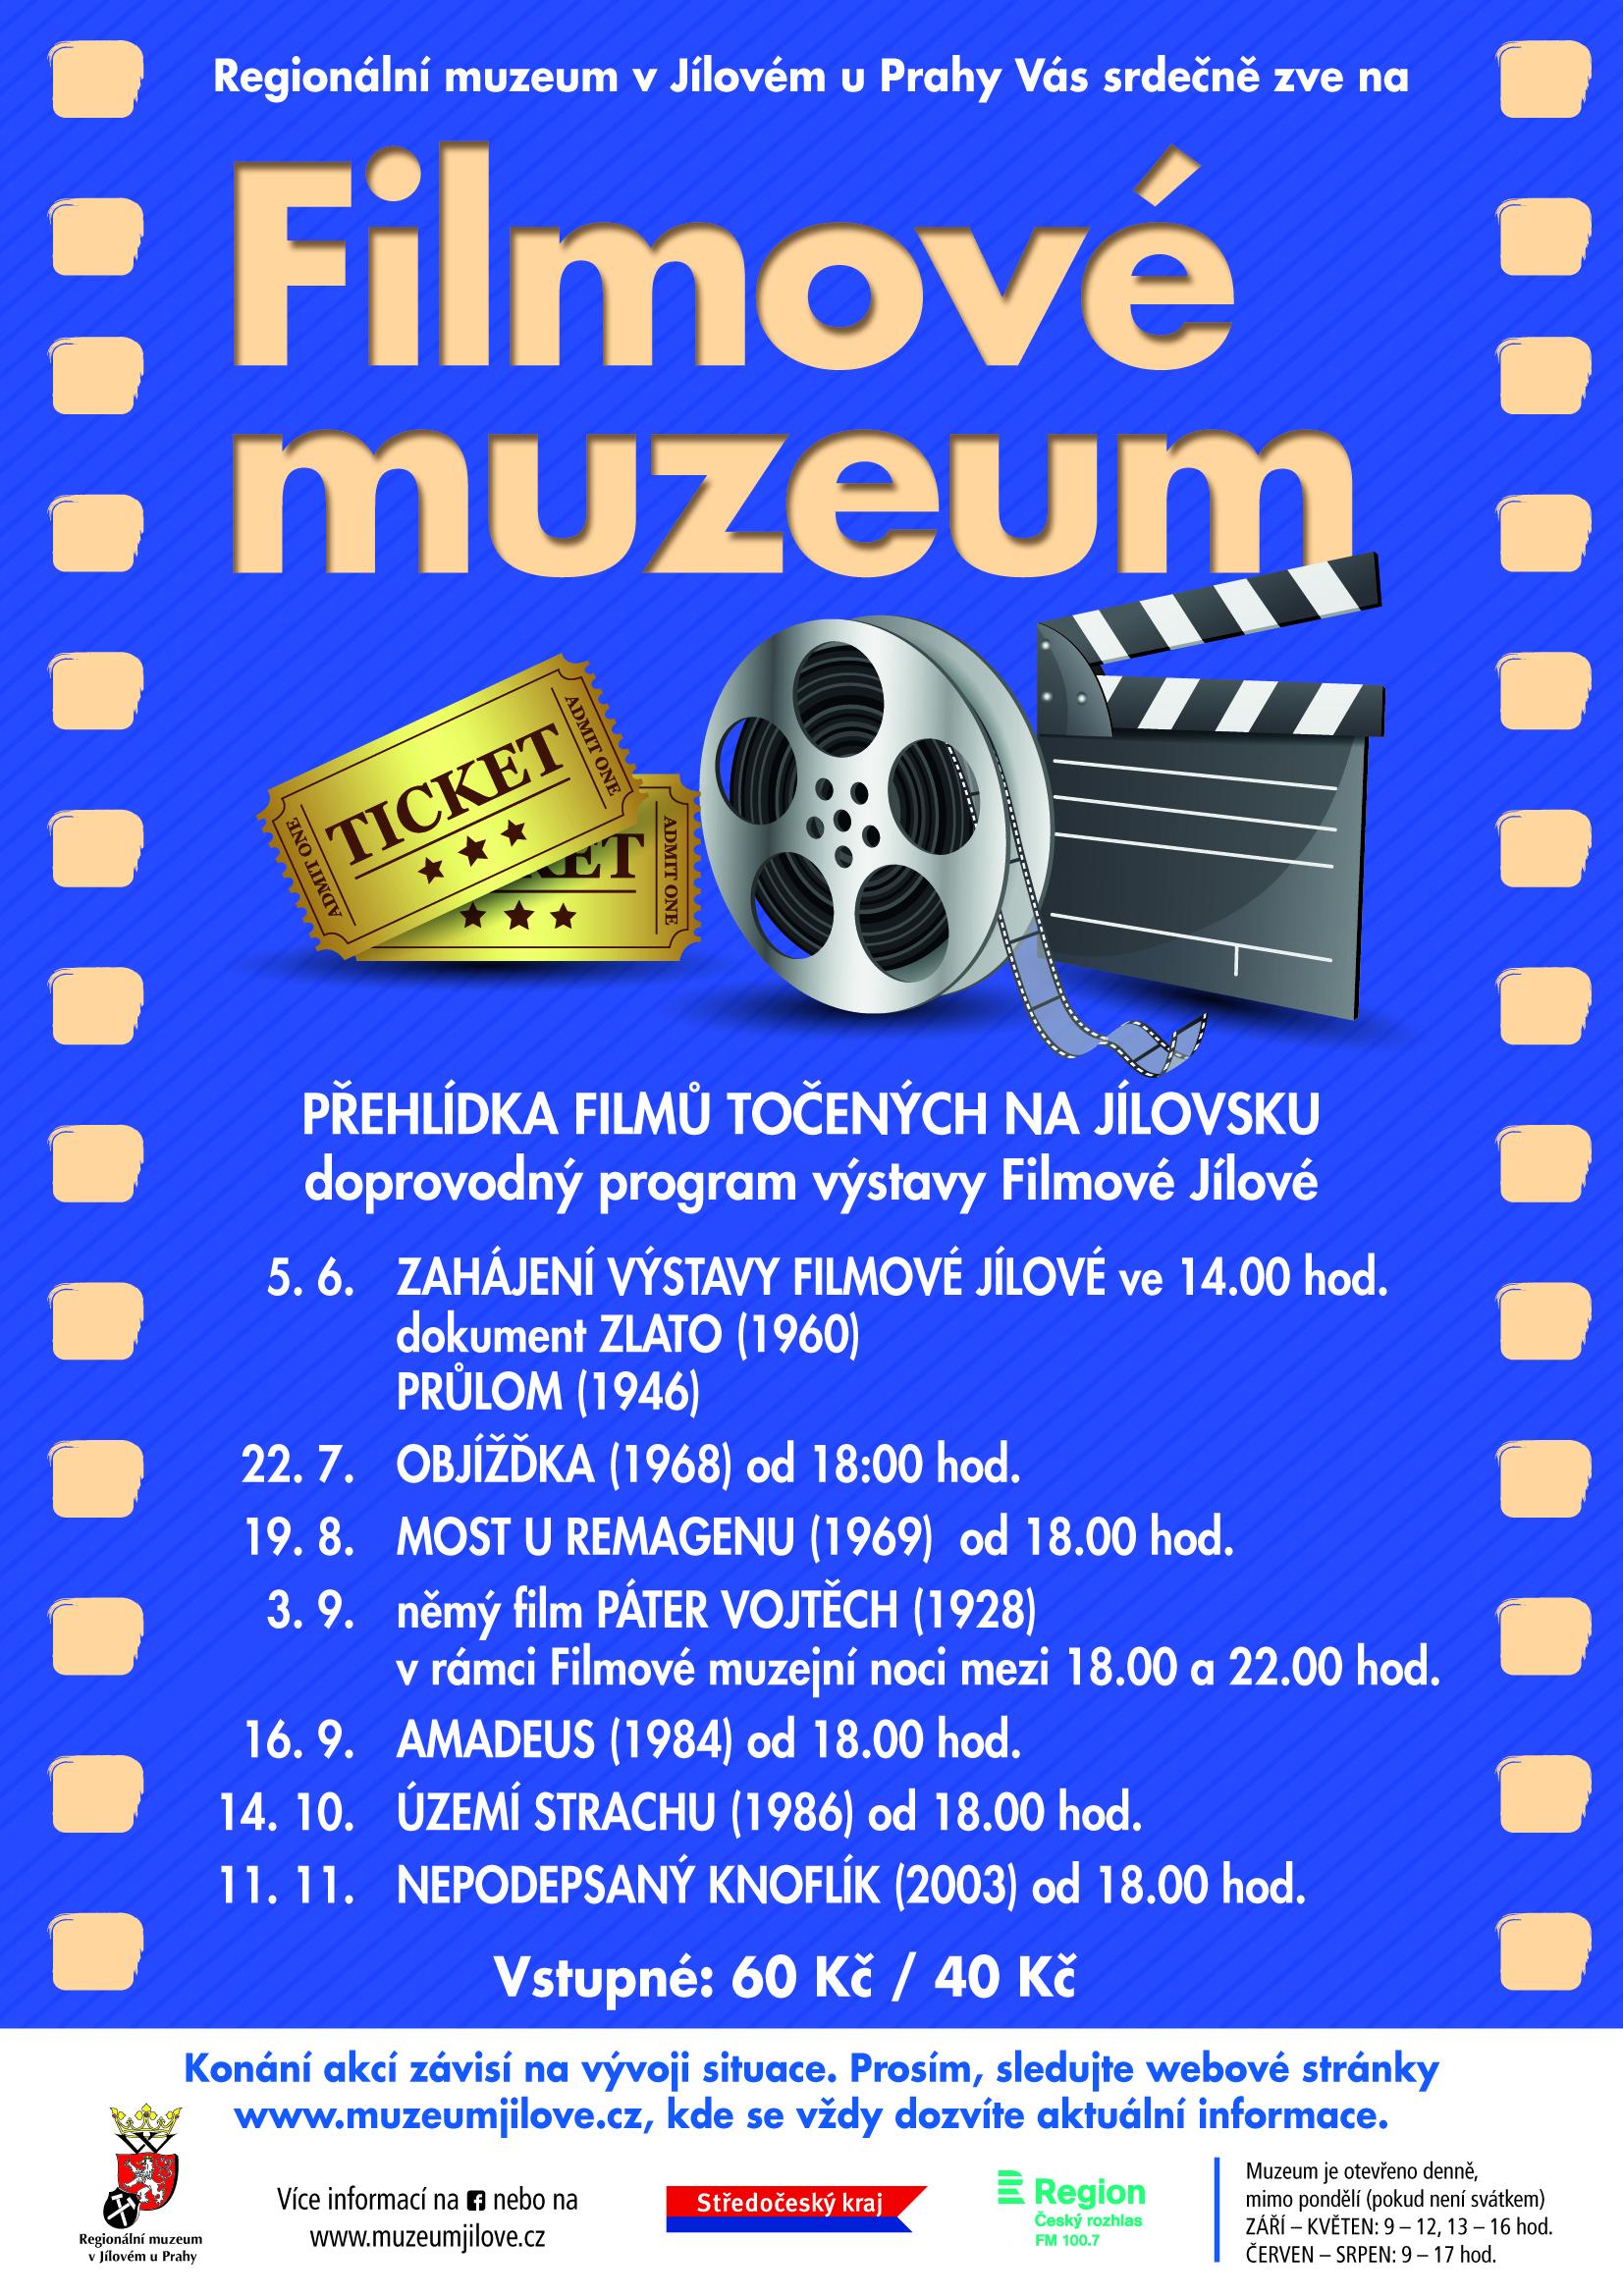 Filmovémuzeum